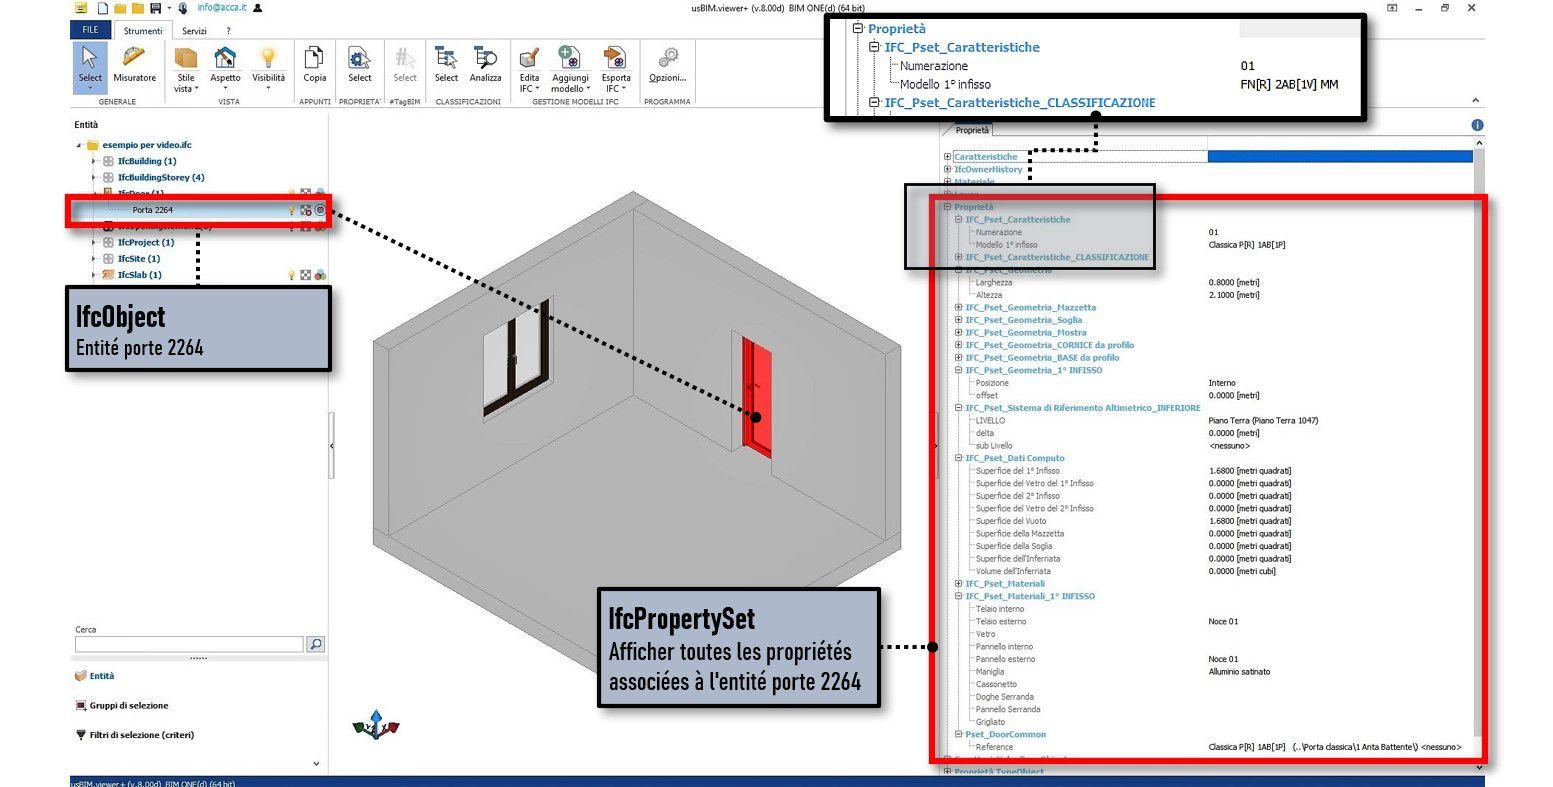 Une capture d'écran du logiciel usBIM.viewer+ des IFCPropertyDefinition qui illustre les propriétés de l'entité porte